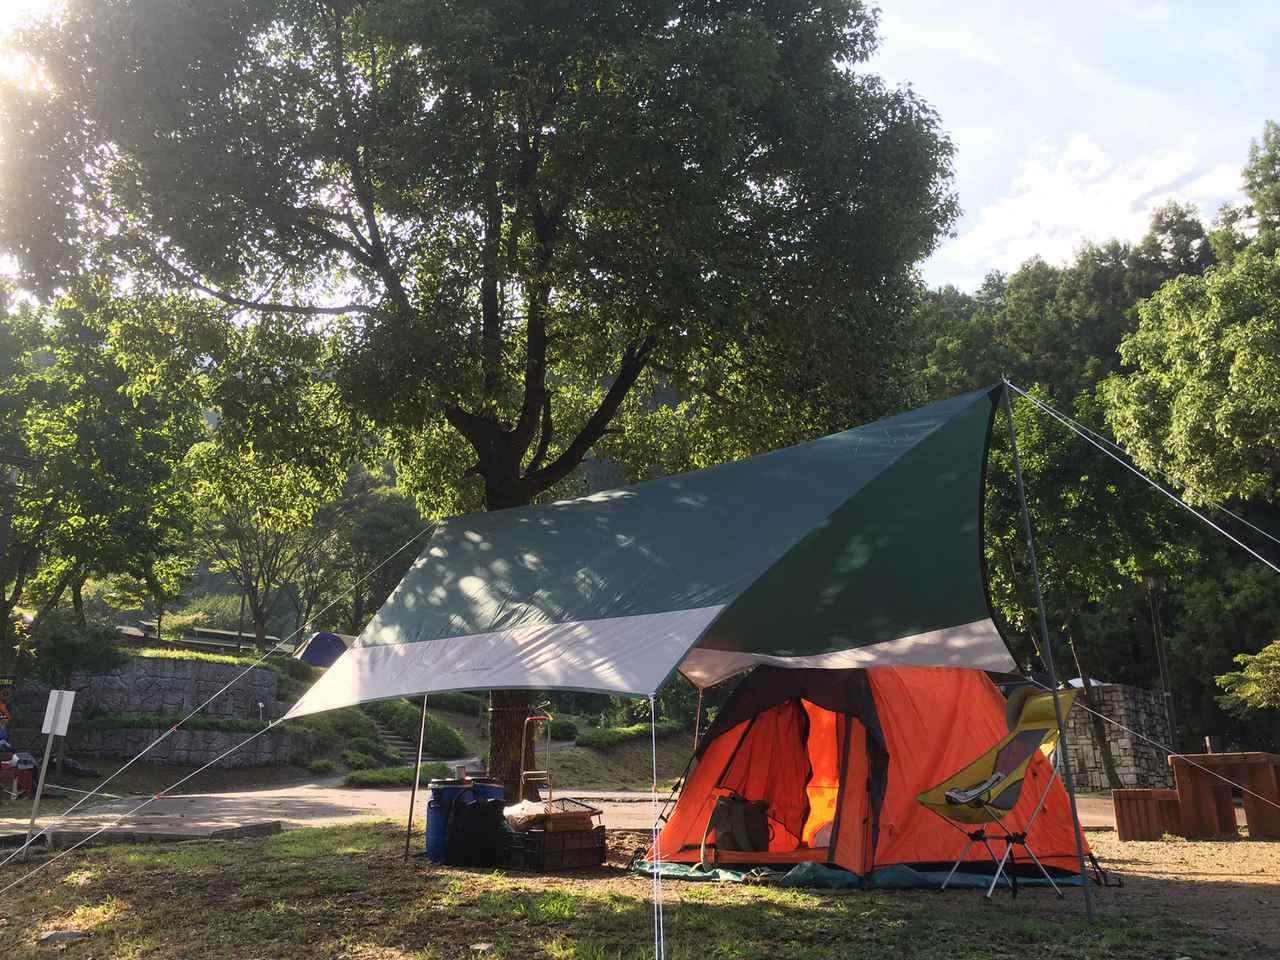 画像: ソロキャンプやツーリングには1人用のタープがおすすめ! 軽量&コンパクトで設営も簡単